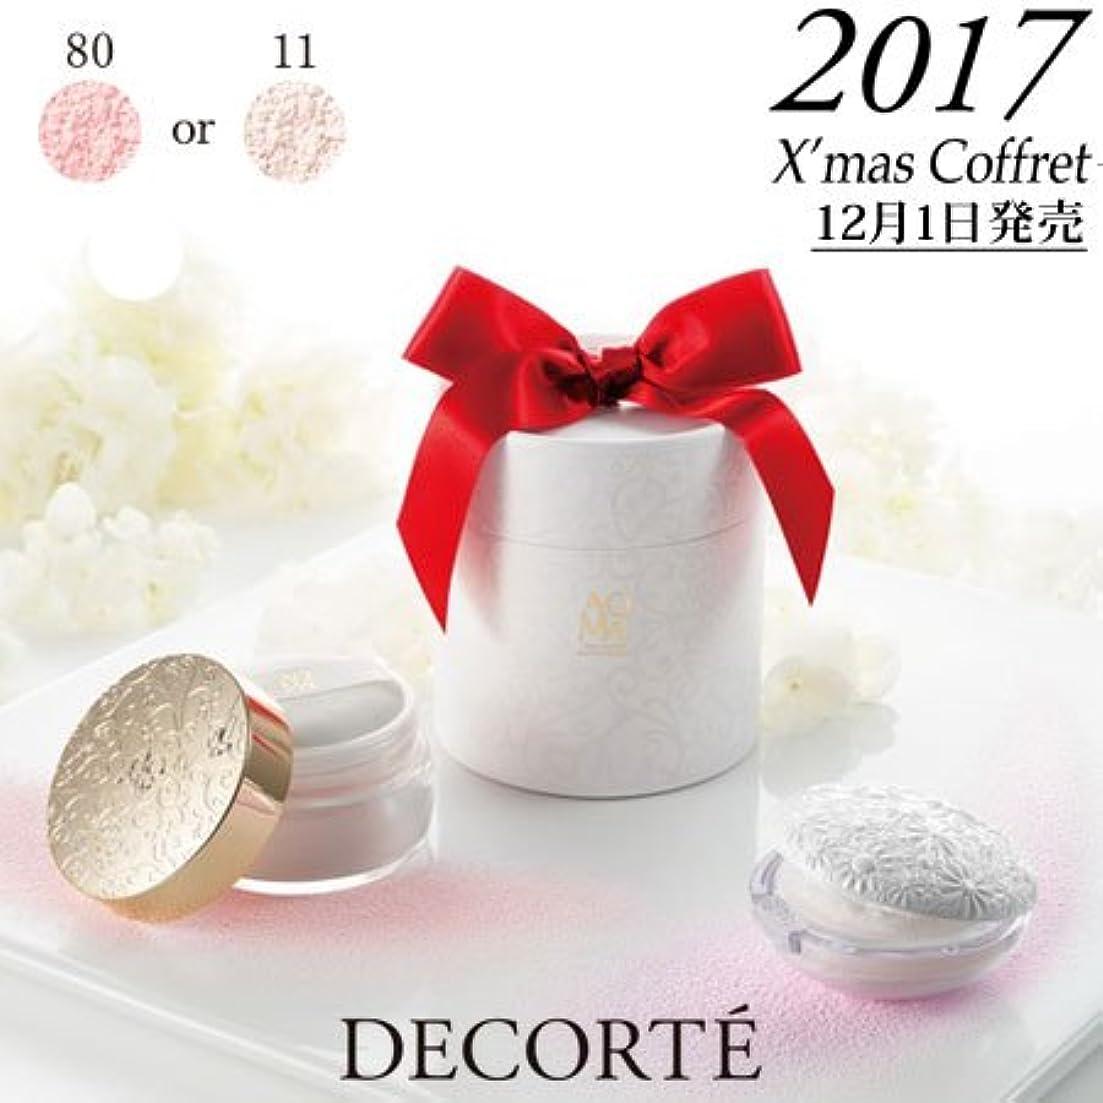 憂慮すべきびっくりフレームワークコスメデコルテ COSMEDECORTE AQ MW フェイスパウダー エターナル ブーケ 全2種 #80 #11 2017 クリスマス コフレ 11 luminary ivory